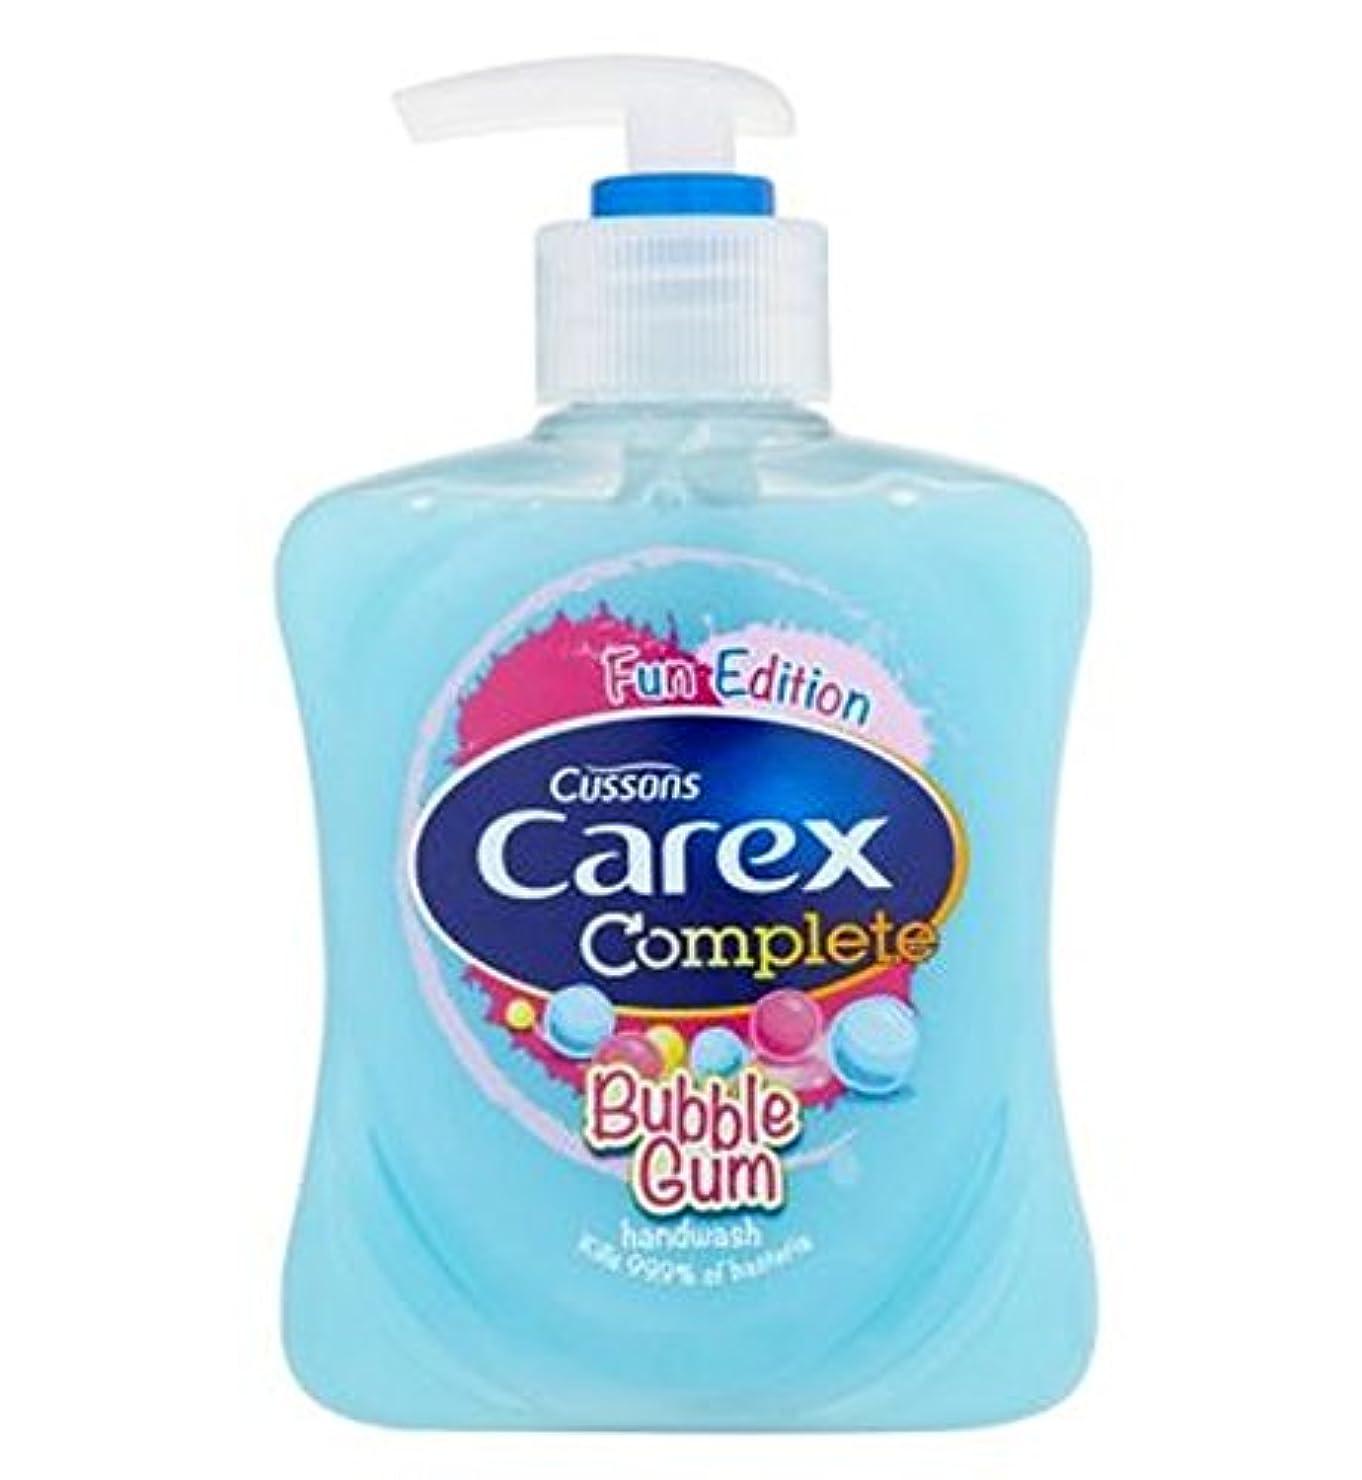 本質的に下向き樹木スゲ属楽しいバブルガムハンドウォッシュ250ミリリットル (Carex) (x2) - Carex Fun Bubble Gum Hand Wash 250ml (Pack of 2) [並行輸入品]